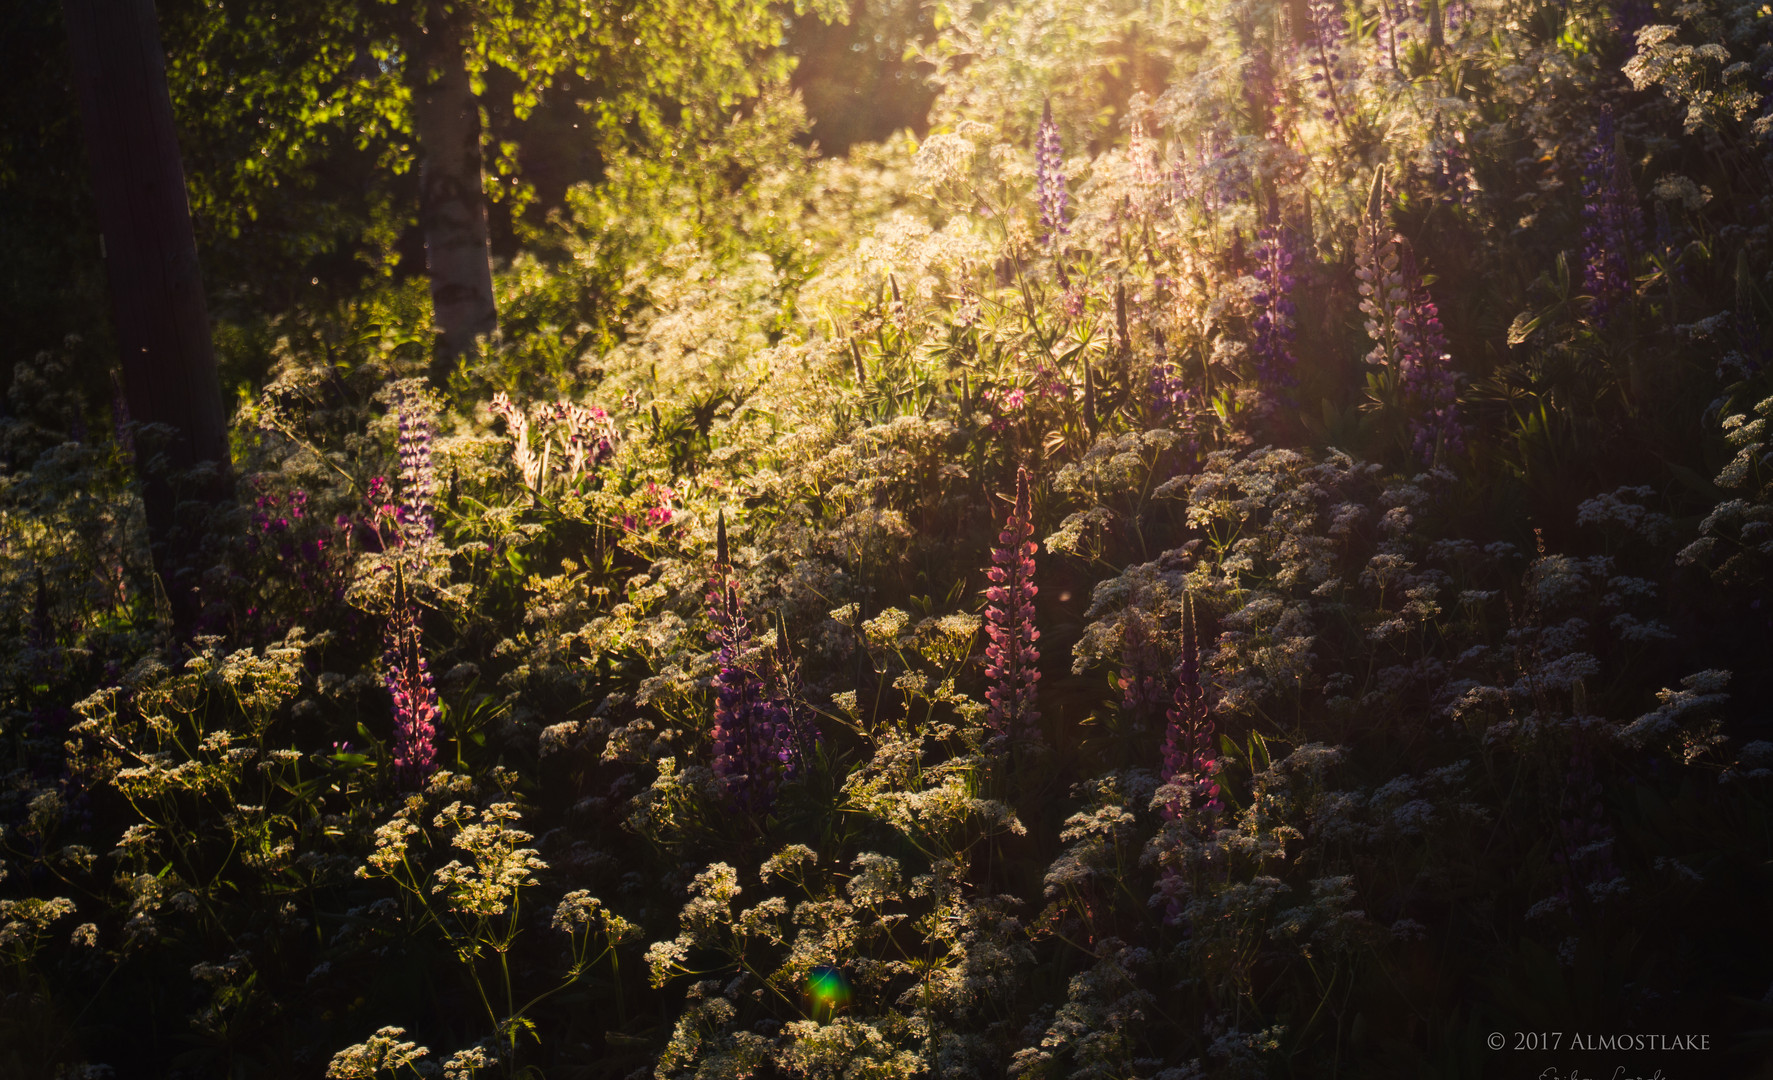 Blommor i solen sign.jpg